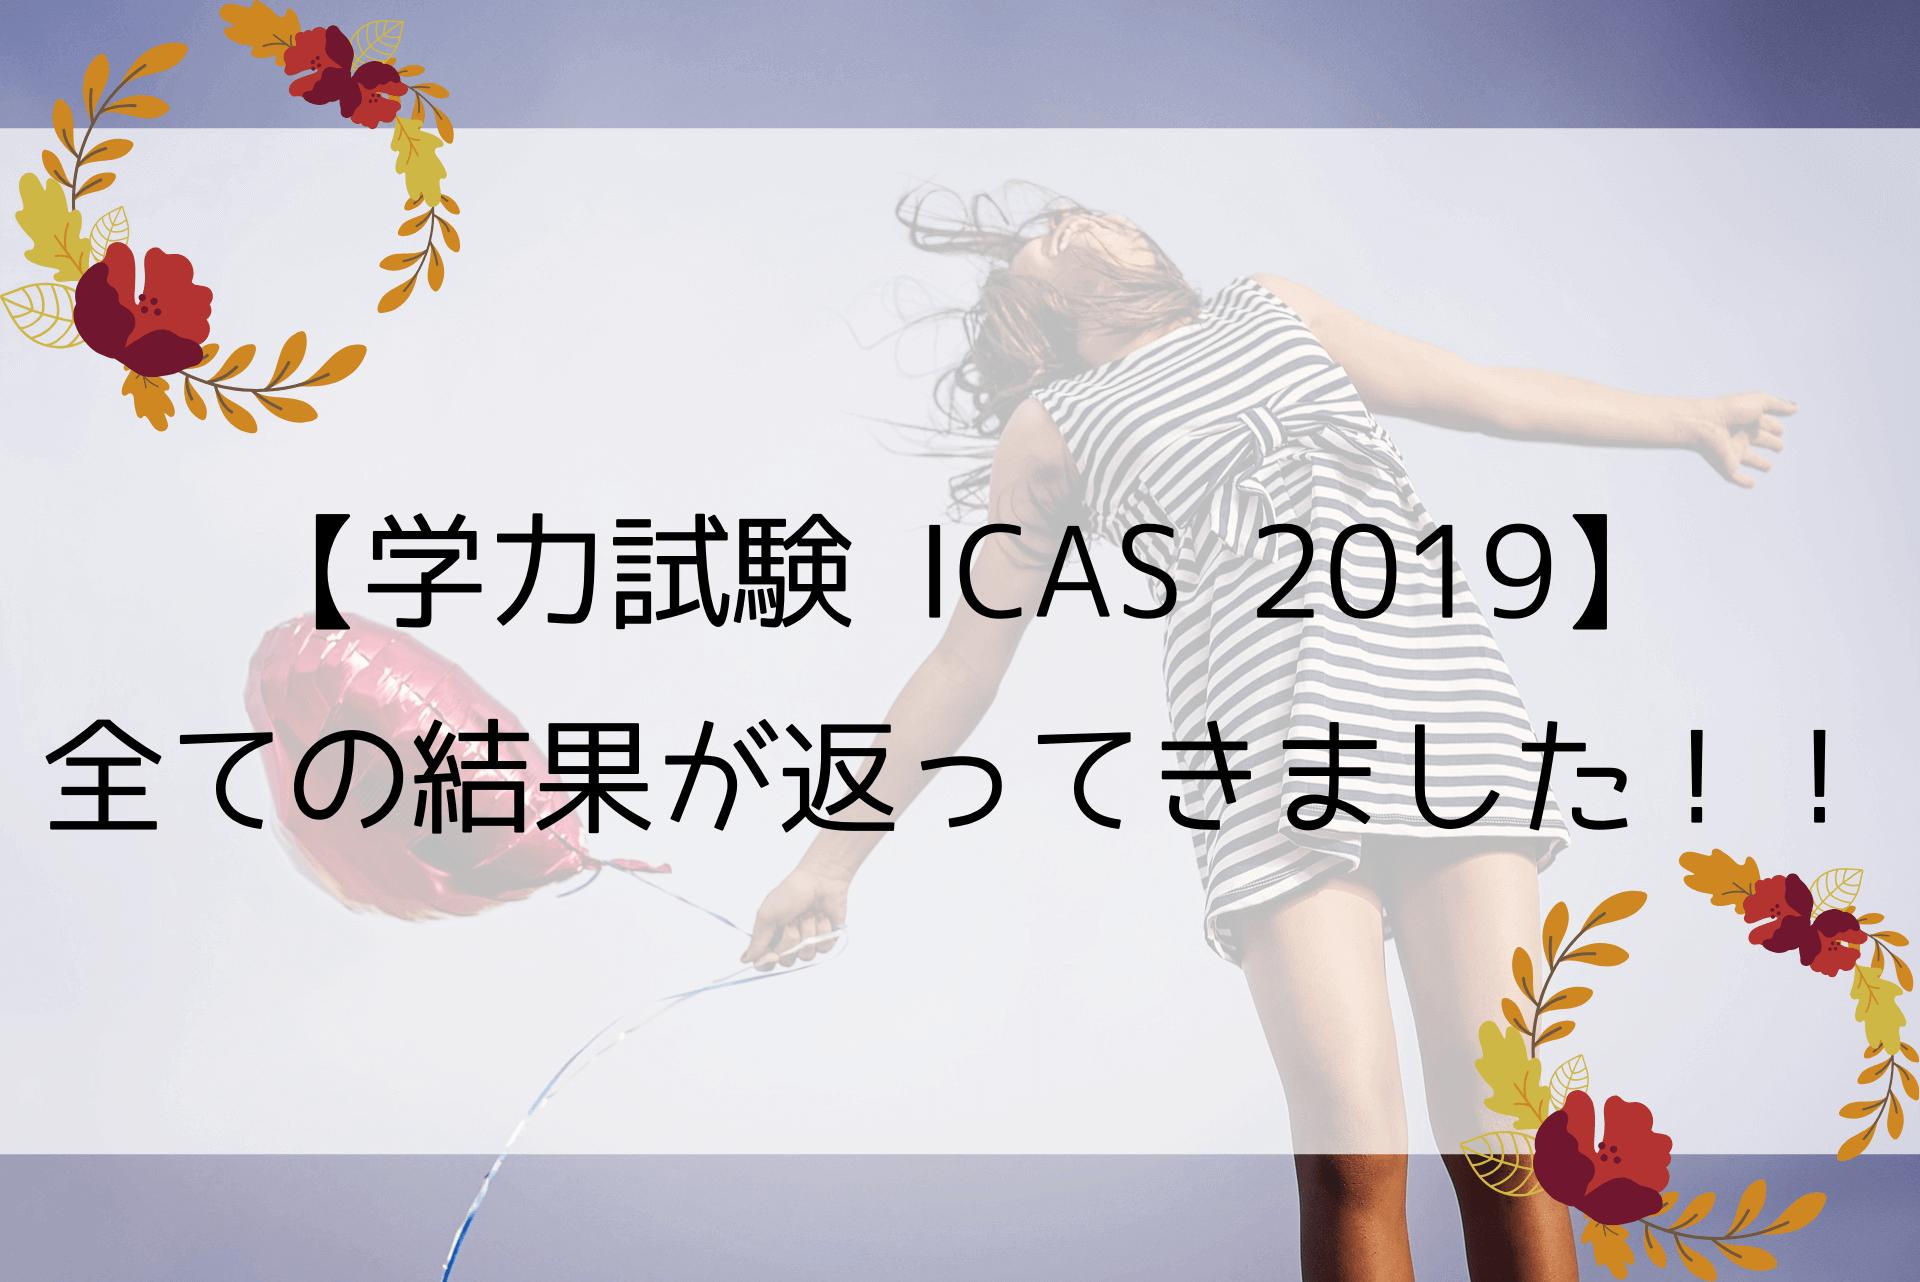 【学力試験 ICAS 2019】 全ての結果が返ってきました!! (1)